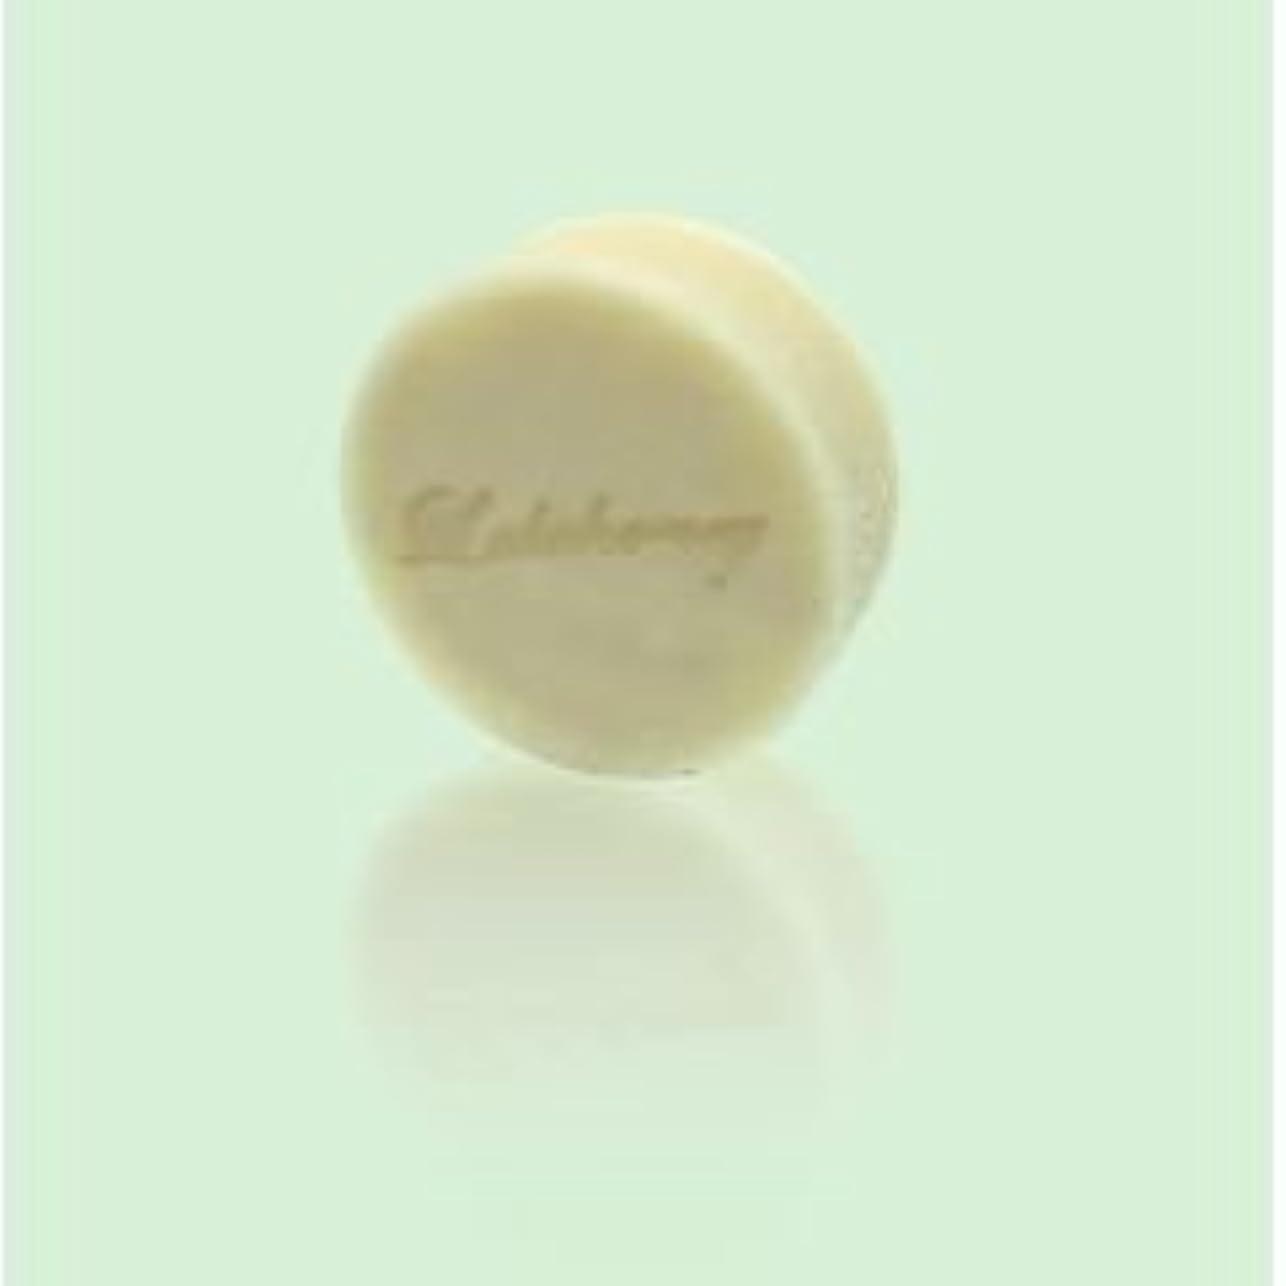 つかまえる彫刻定期的なLALAHONEY 石鹸〈アロマシリーズ?瞑想〉20g【手作りでシンプルなコールドプロセス製法】